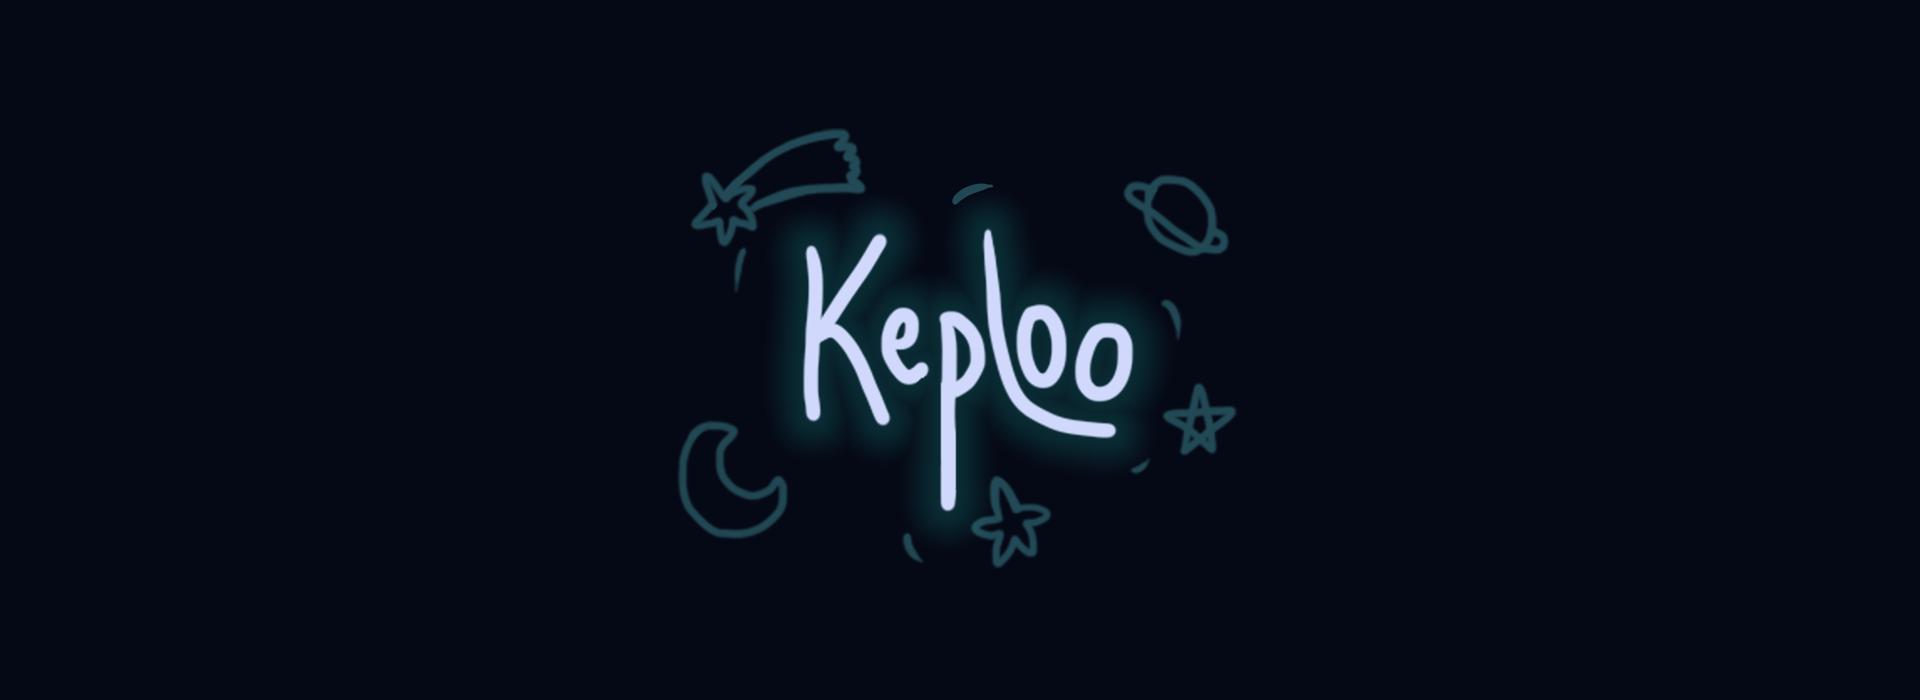 Keploo